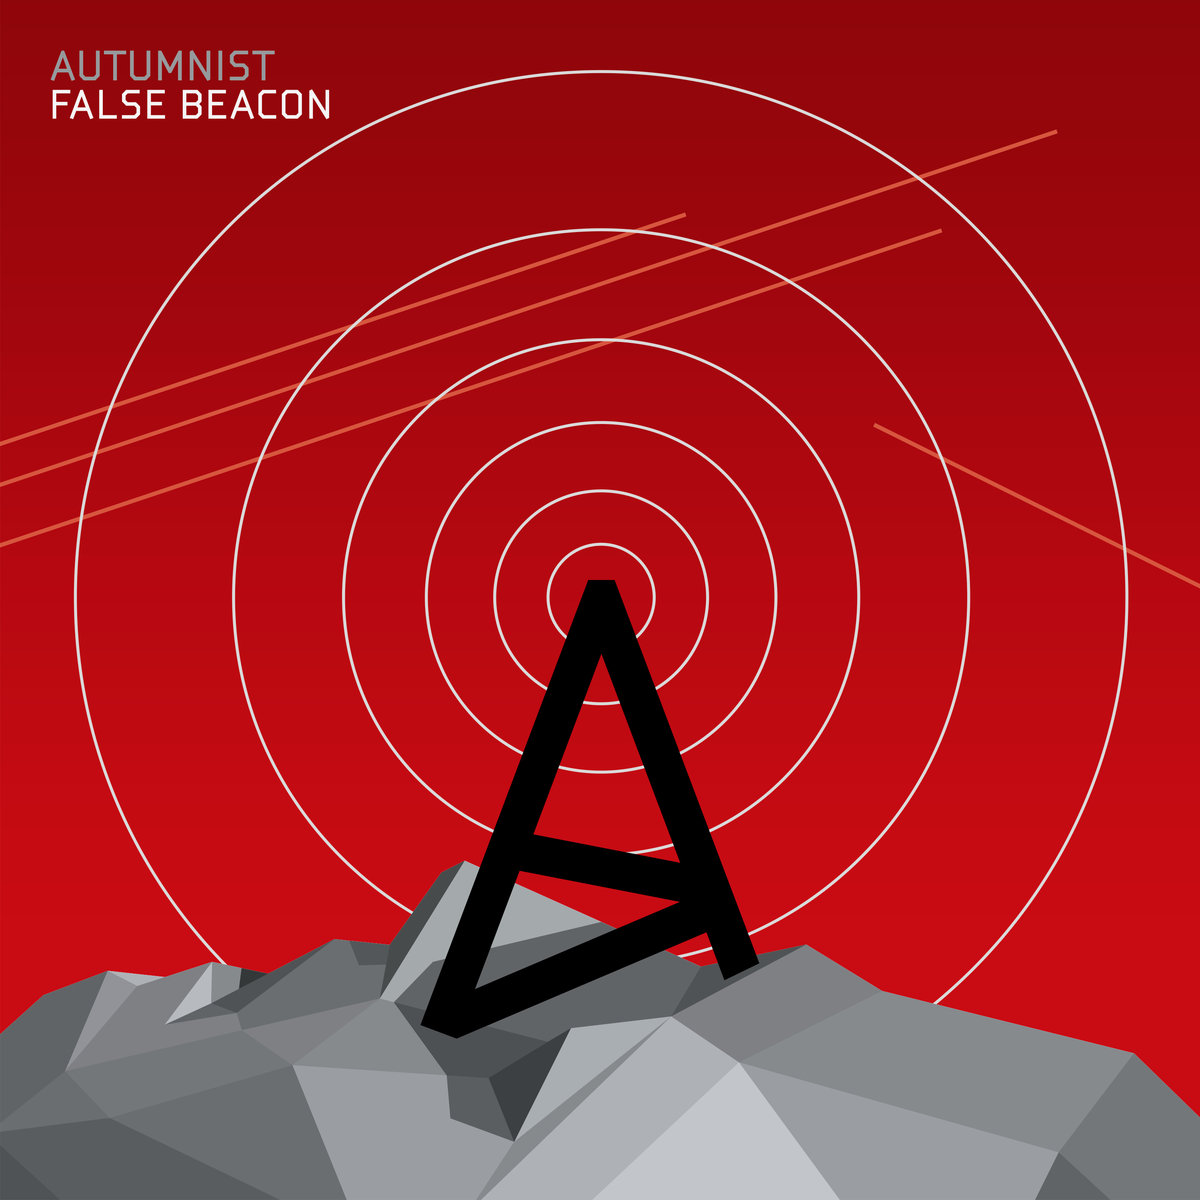 Autumnist - False Beacon (album)